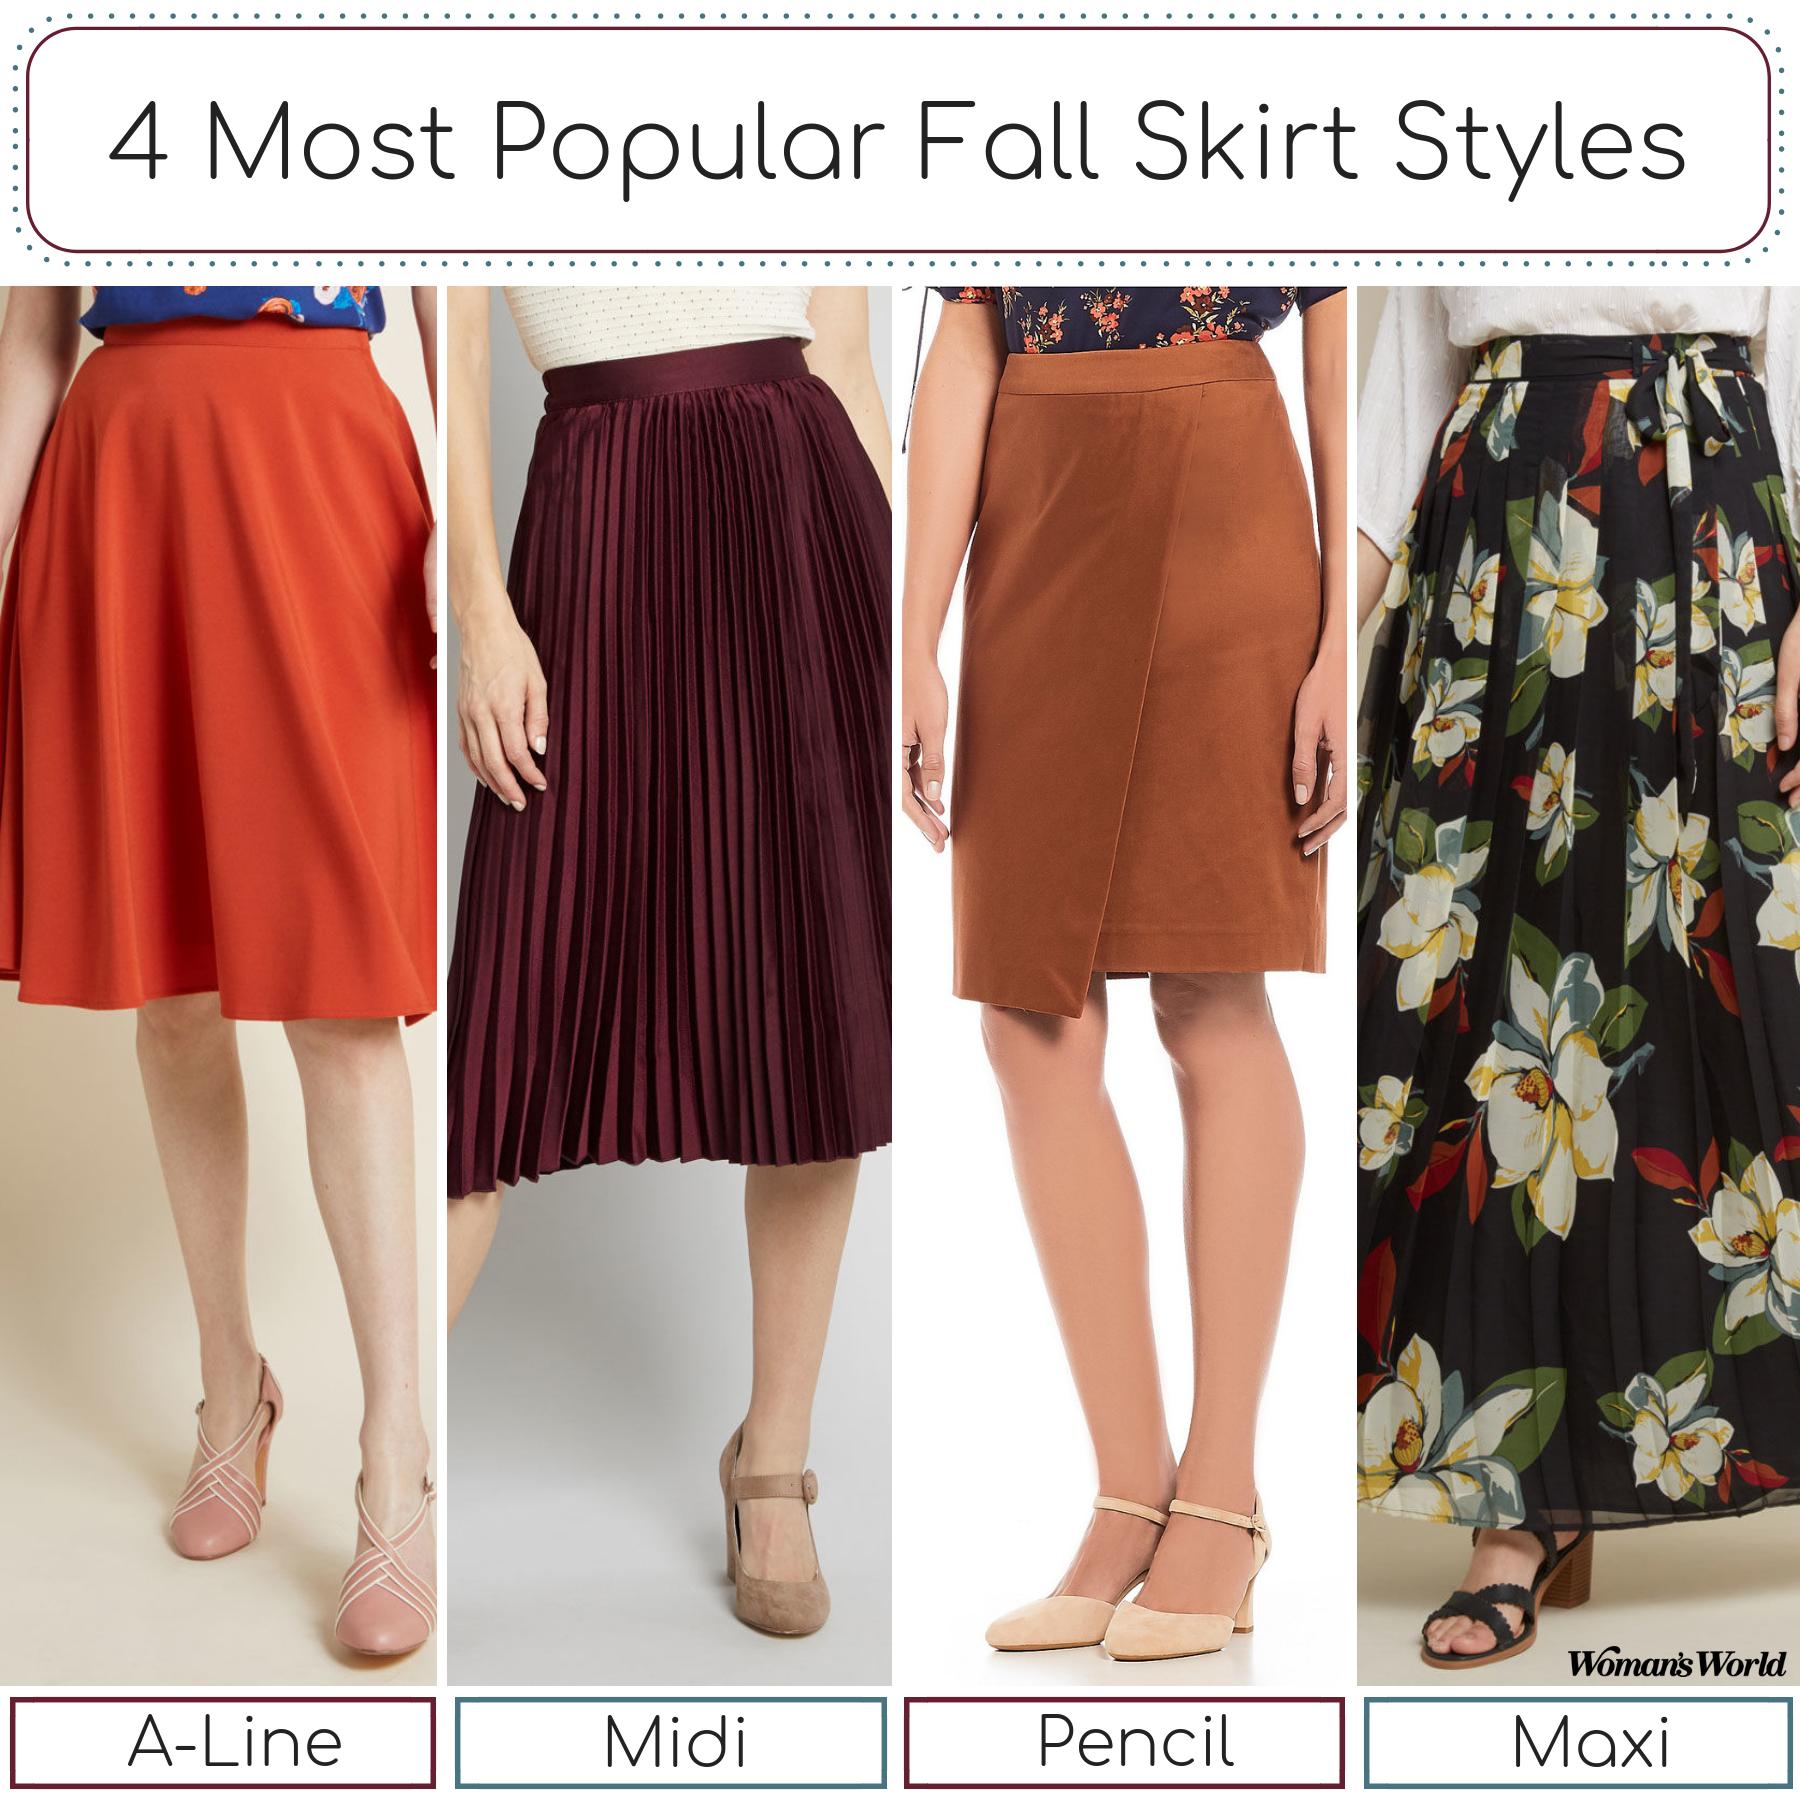 Best Popular Fall Skirt Style